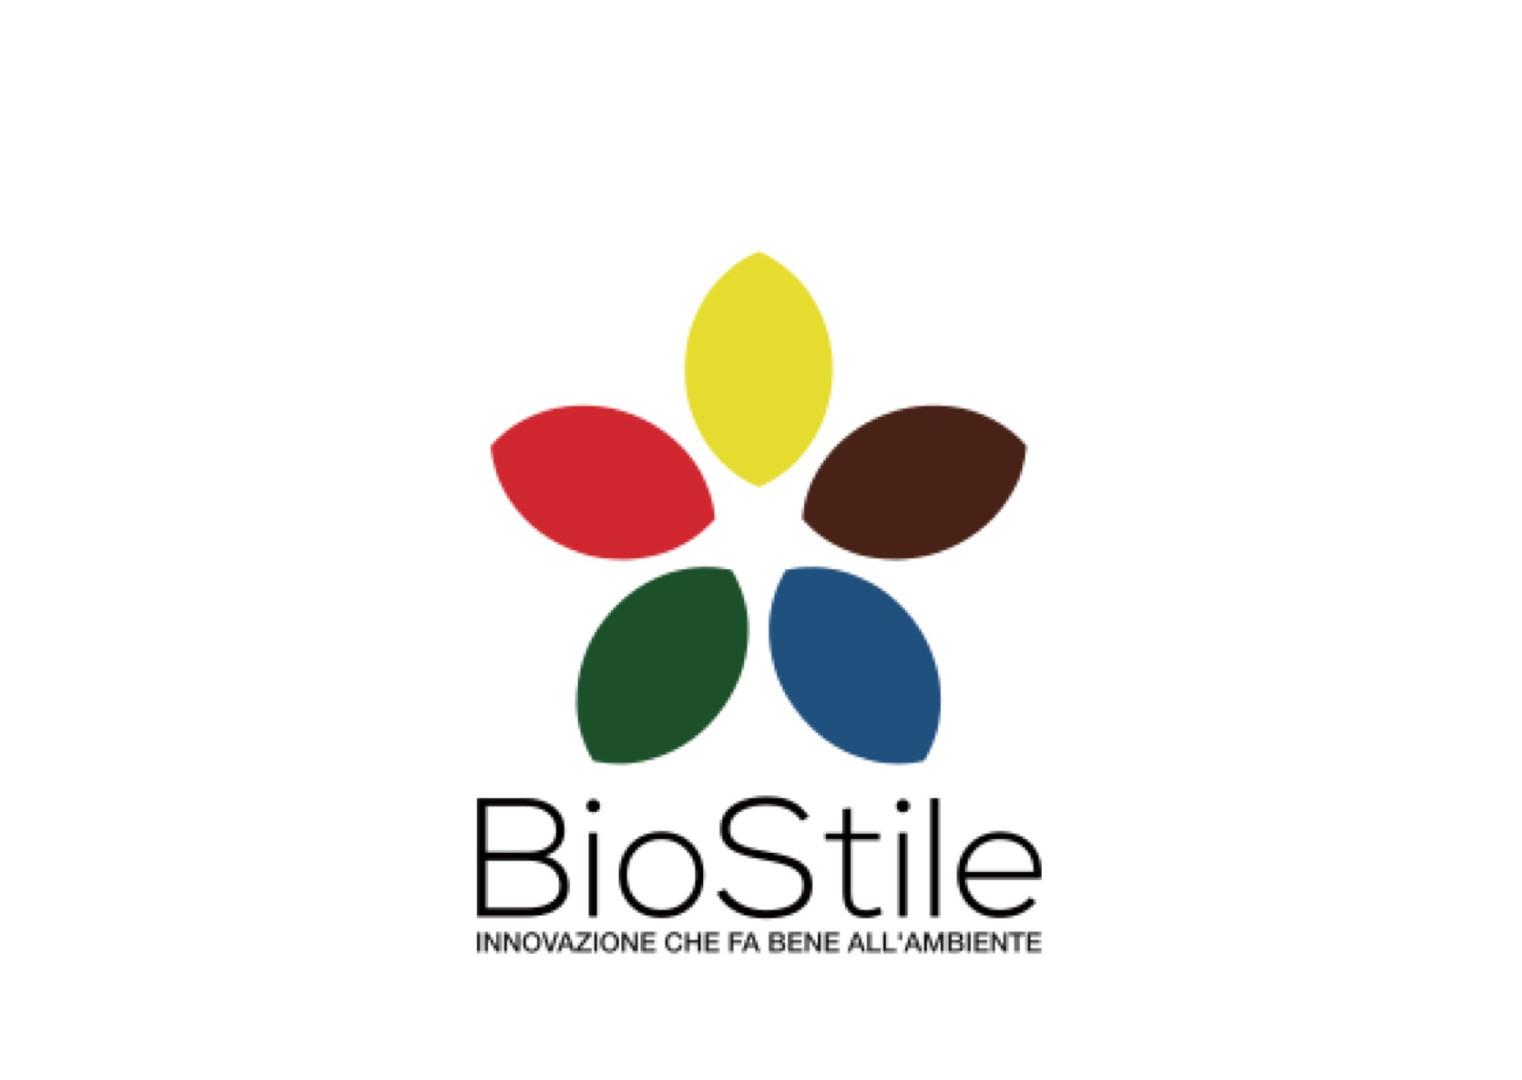 logo biostile.jpg